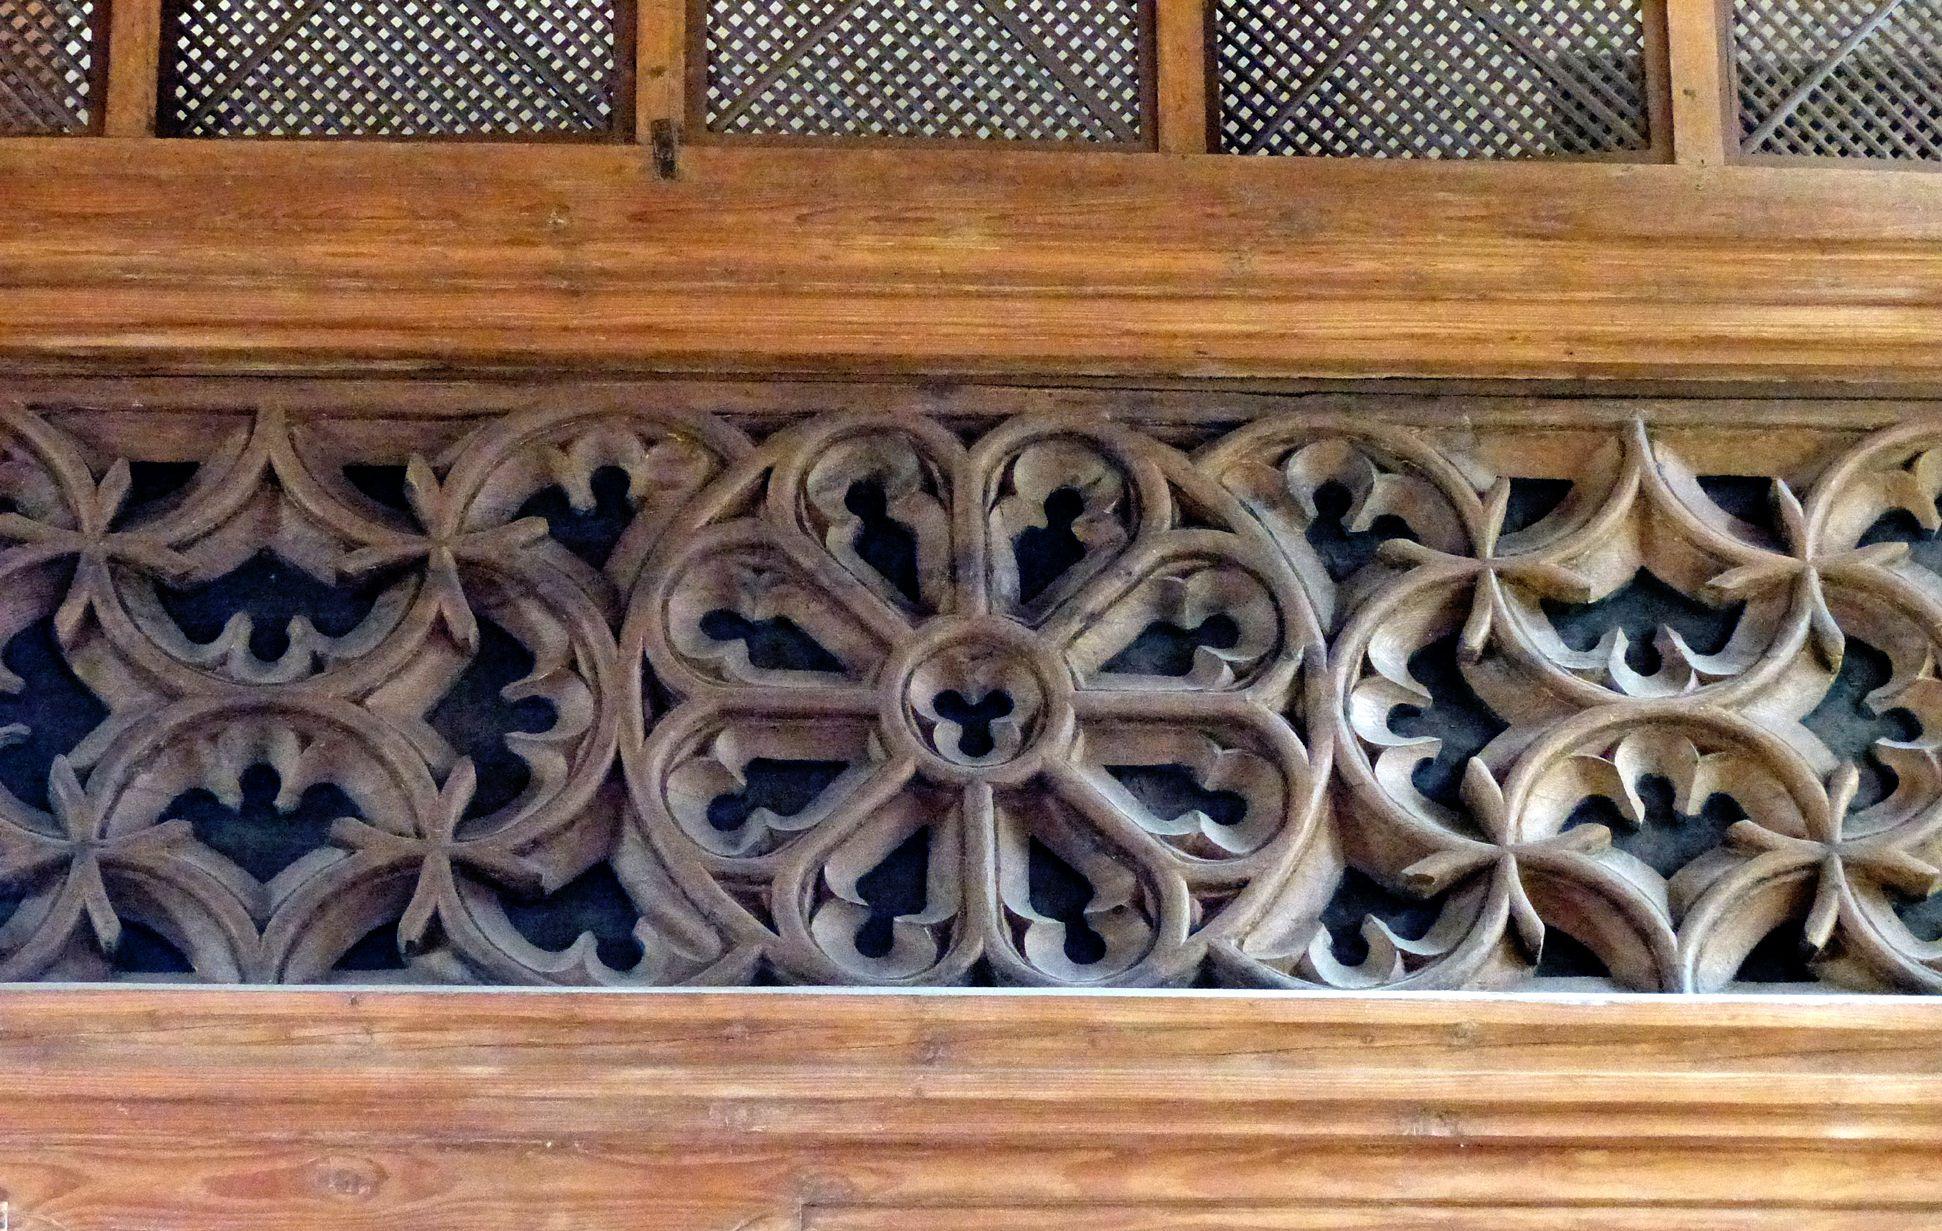 Holzemporen in der Kirche St. Marien und Christophorus, Kalbensteinberg Herrschaftsloge, westlicher Teil, Vorderansicht mit Rose